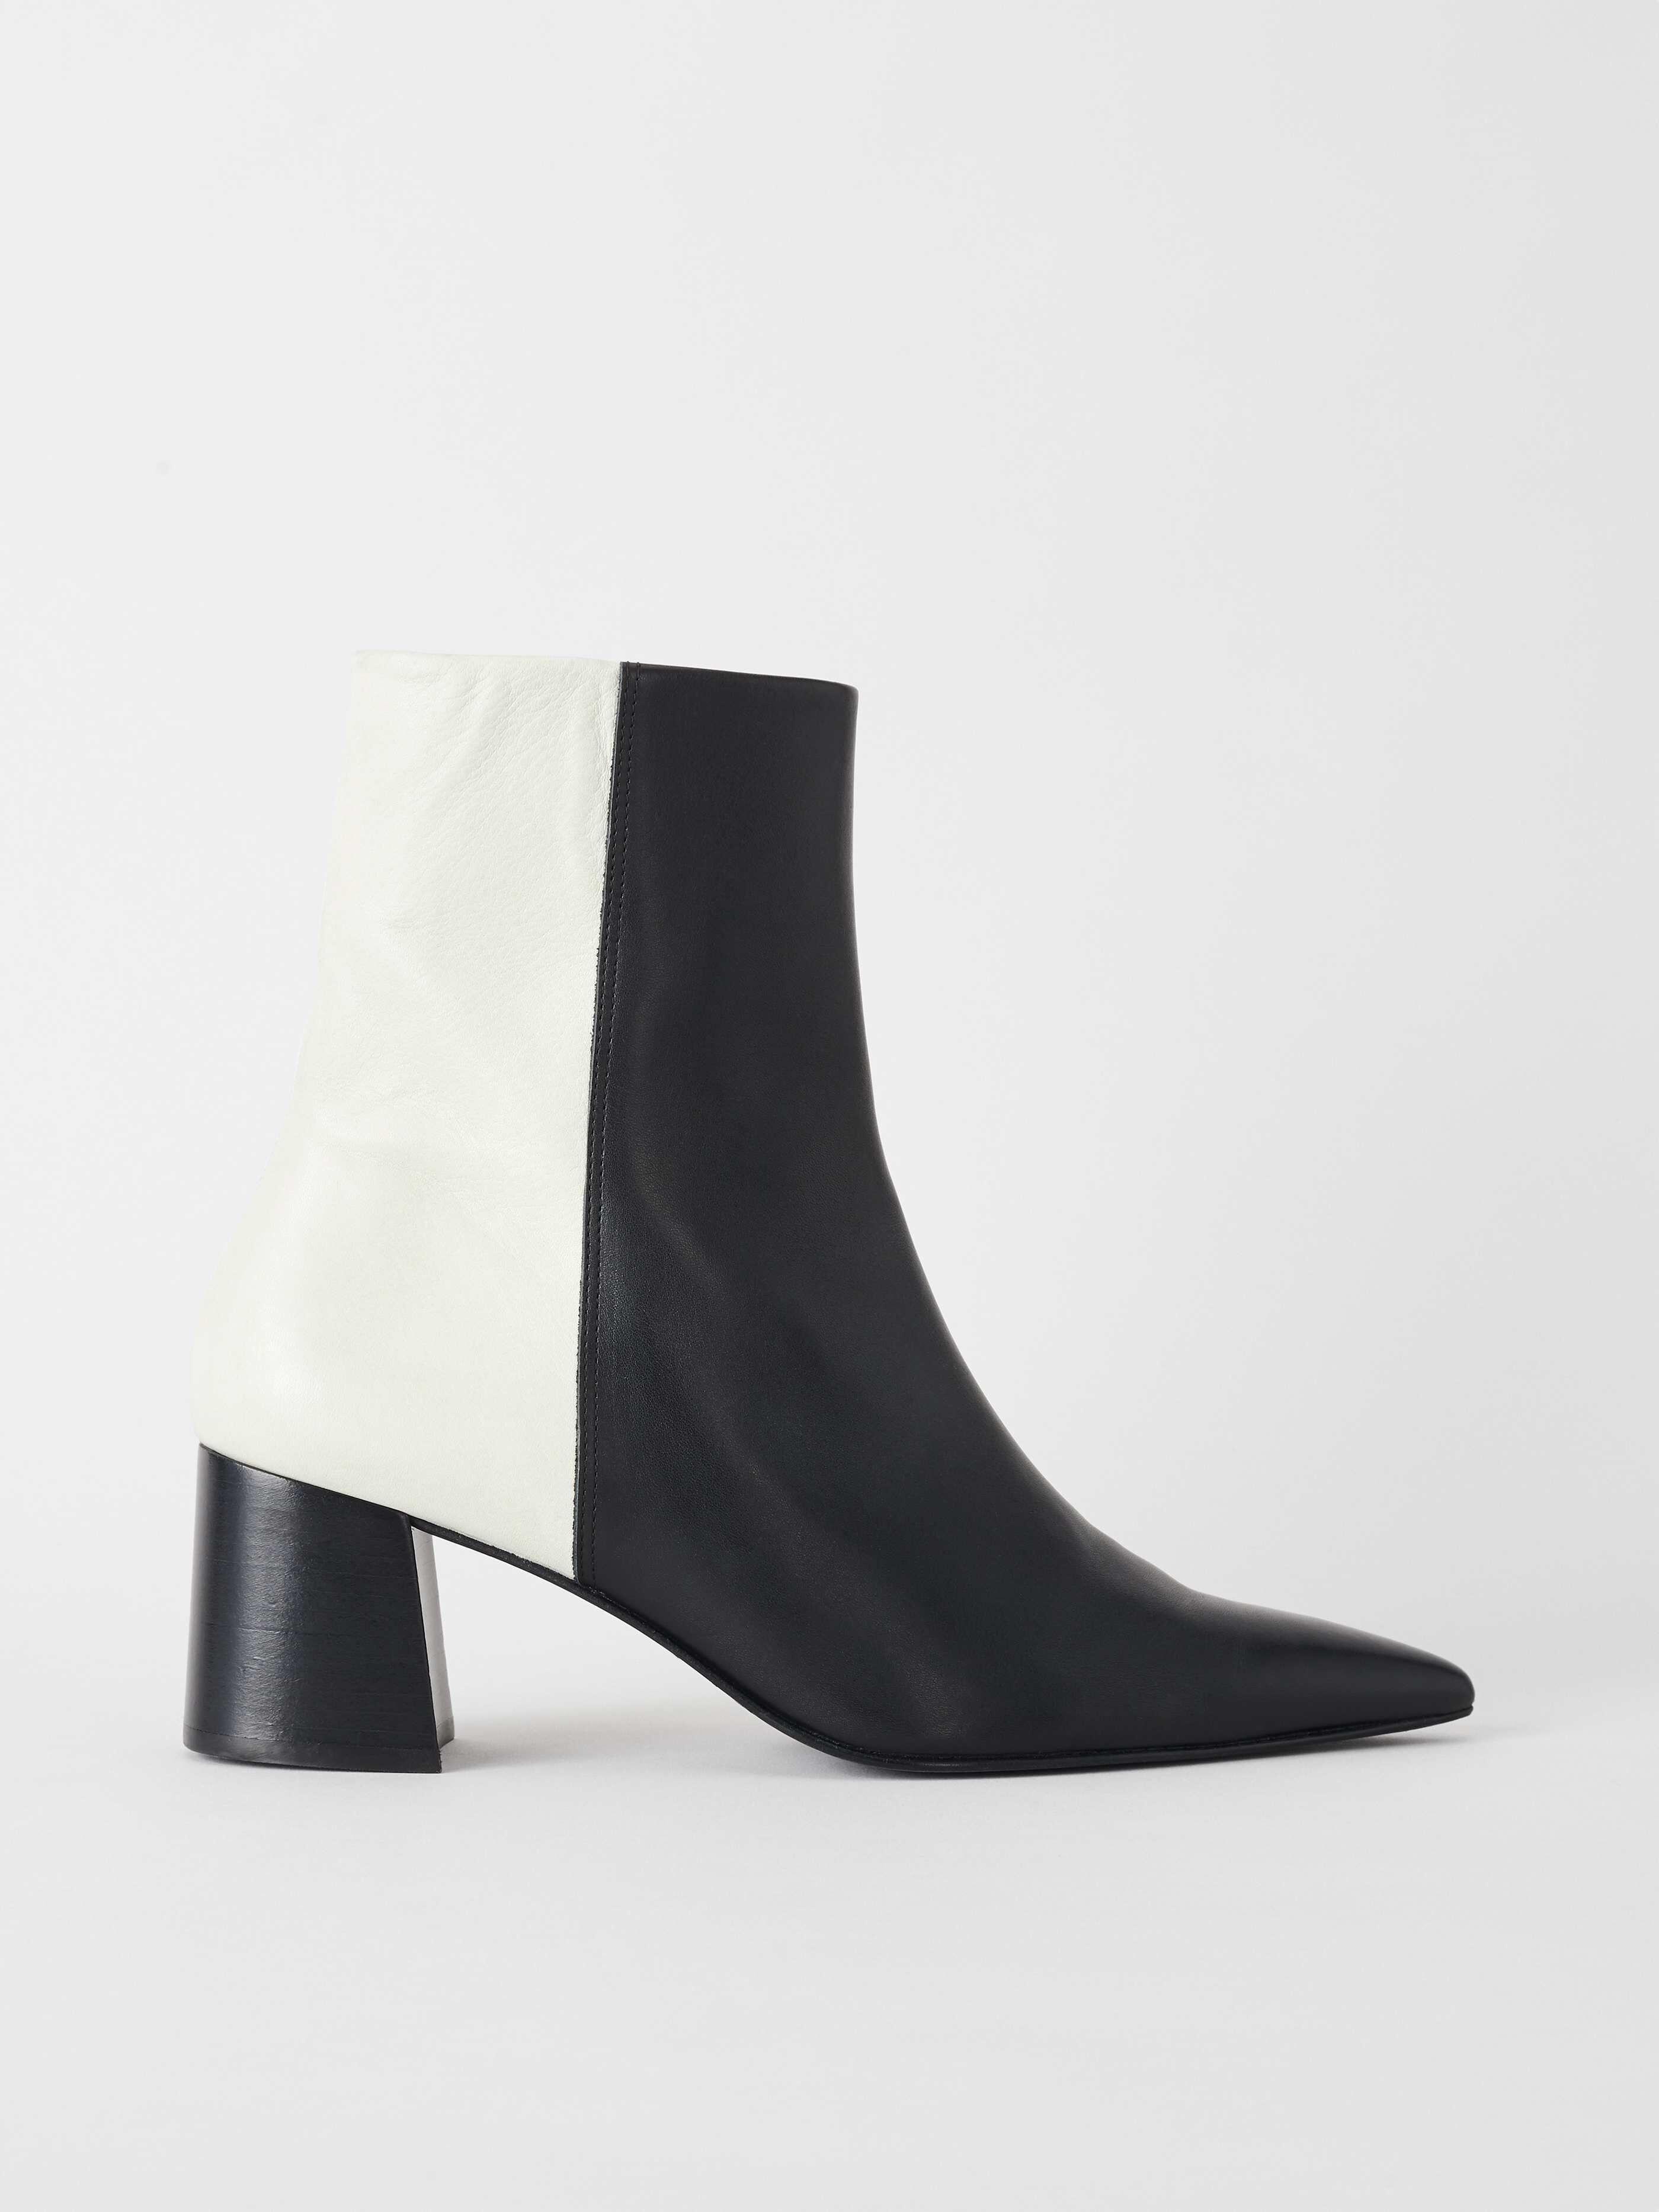 Shoes - Shop women's designer shoes online at Tiger of Sweden